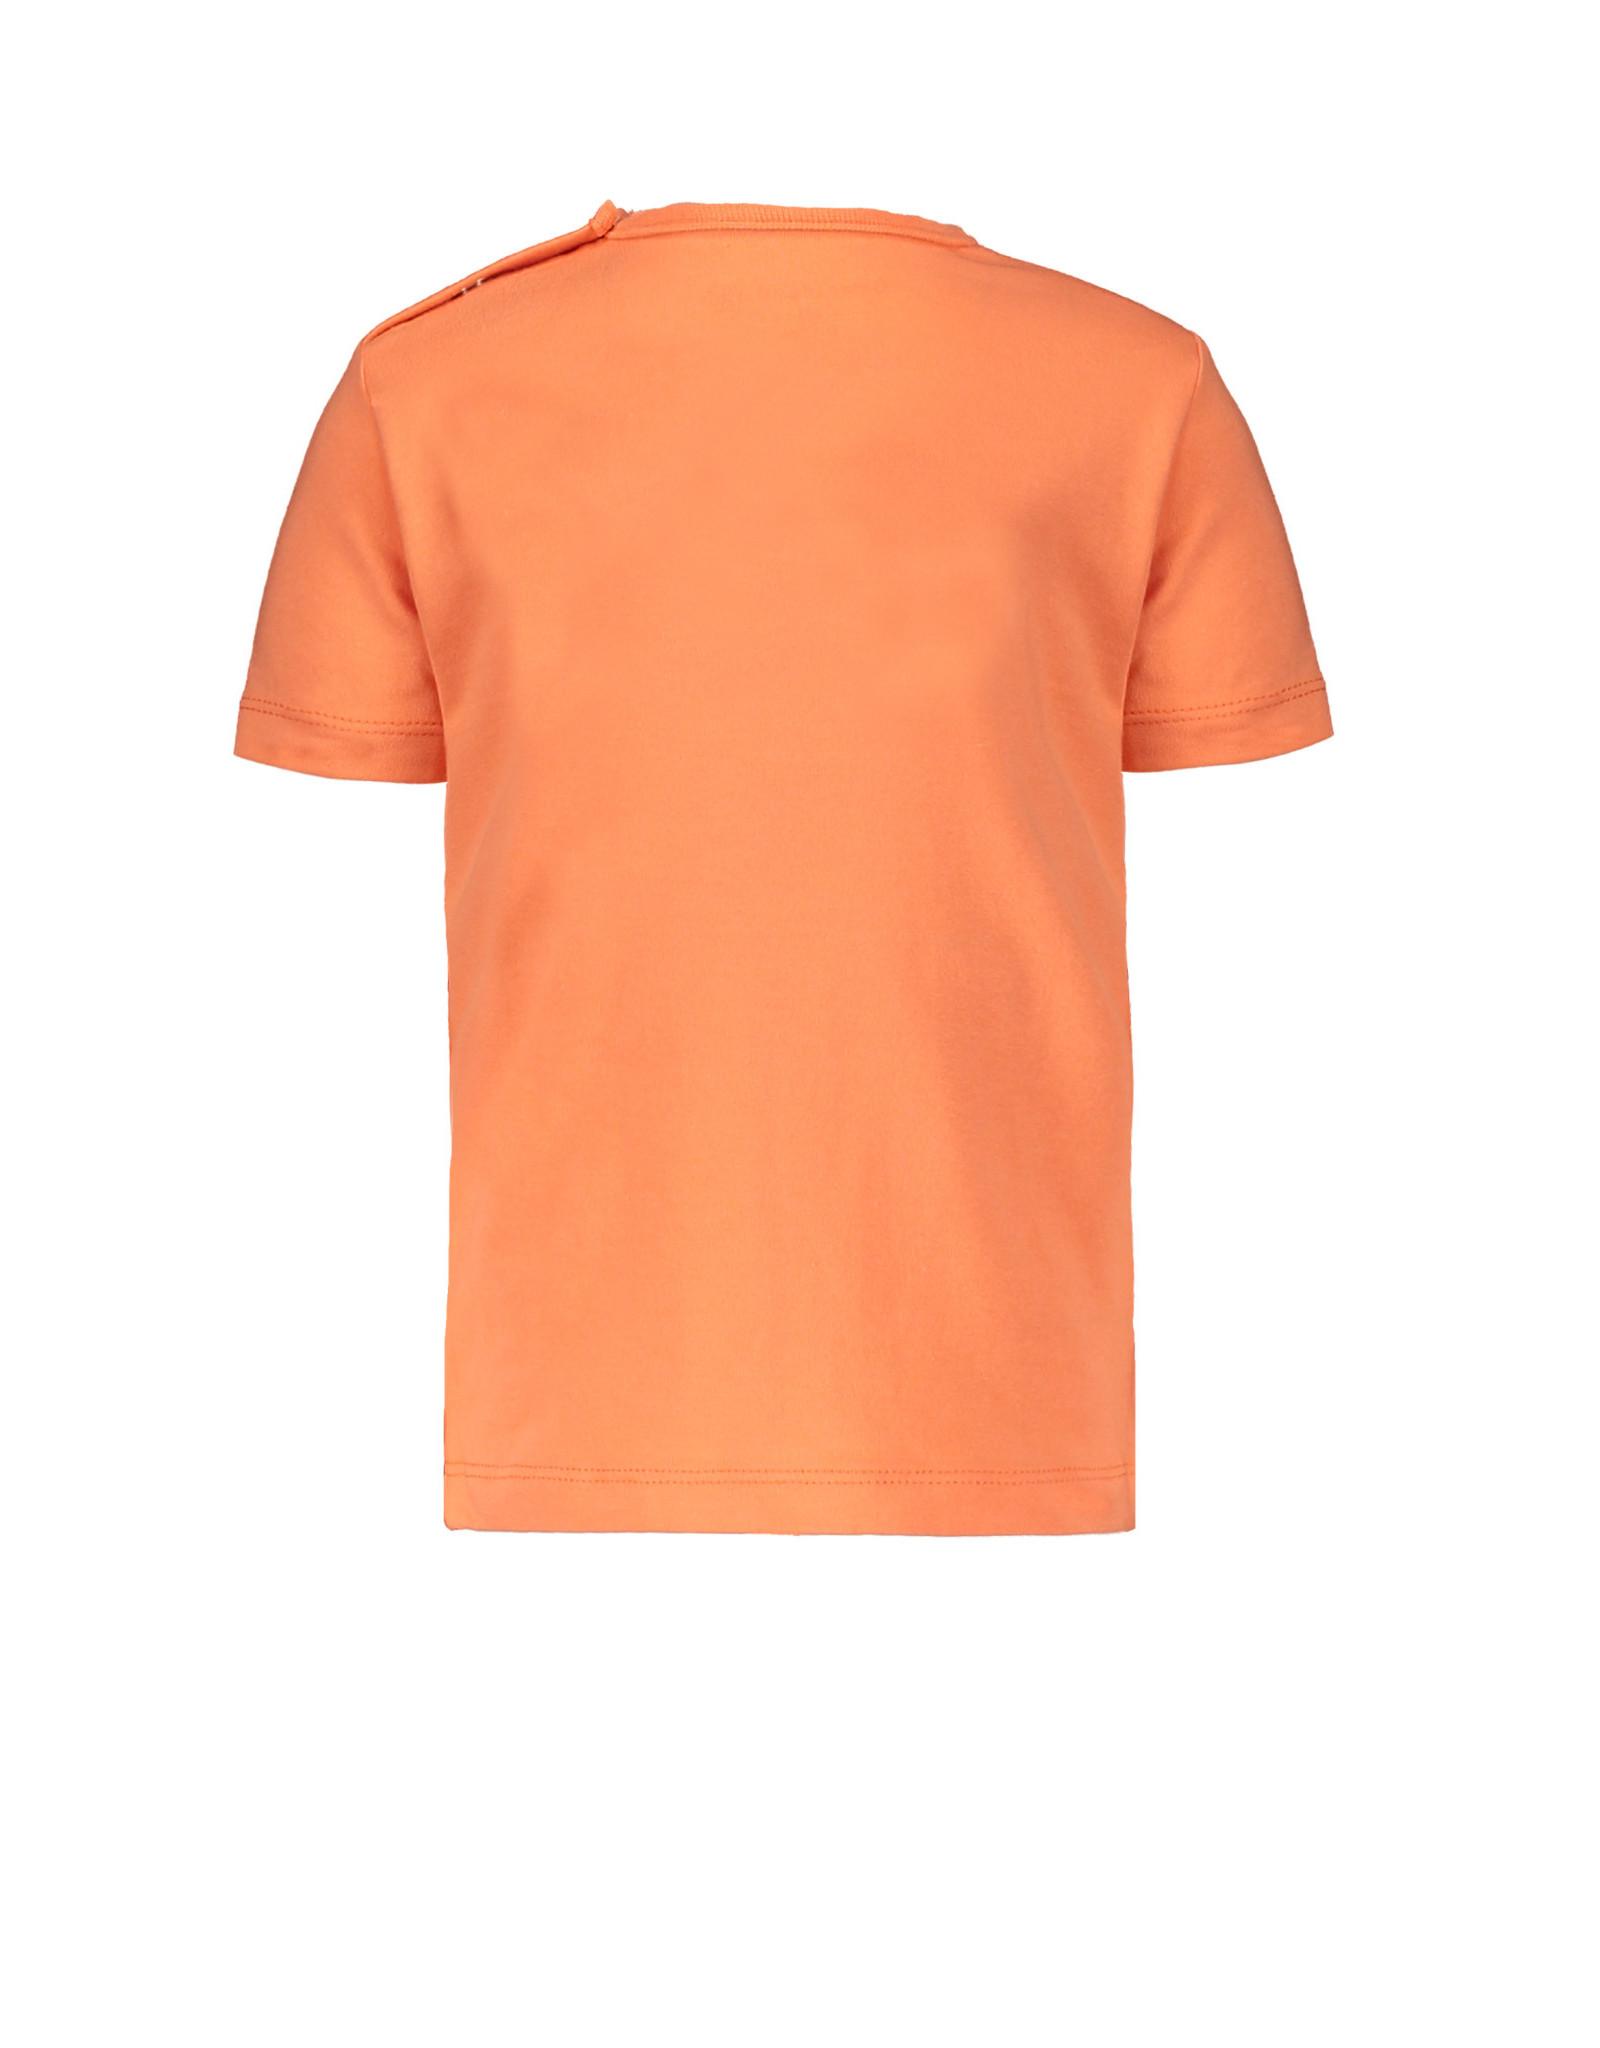 Bampidano Bampidano baby jongens t-shirt Dex Coral